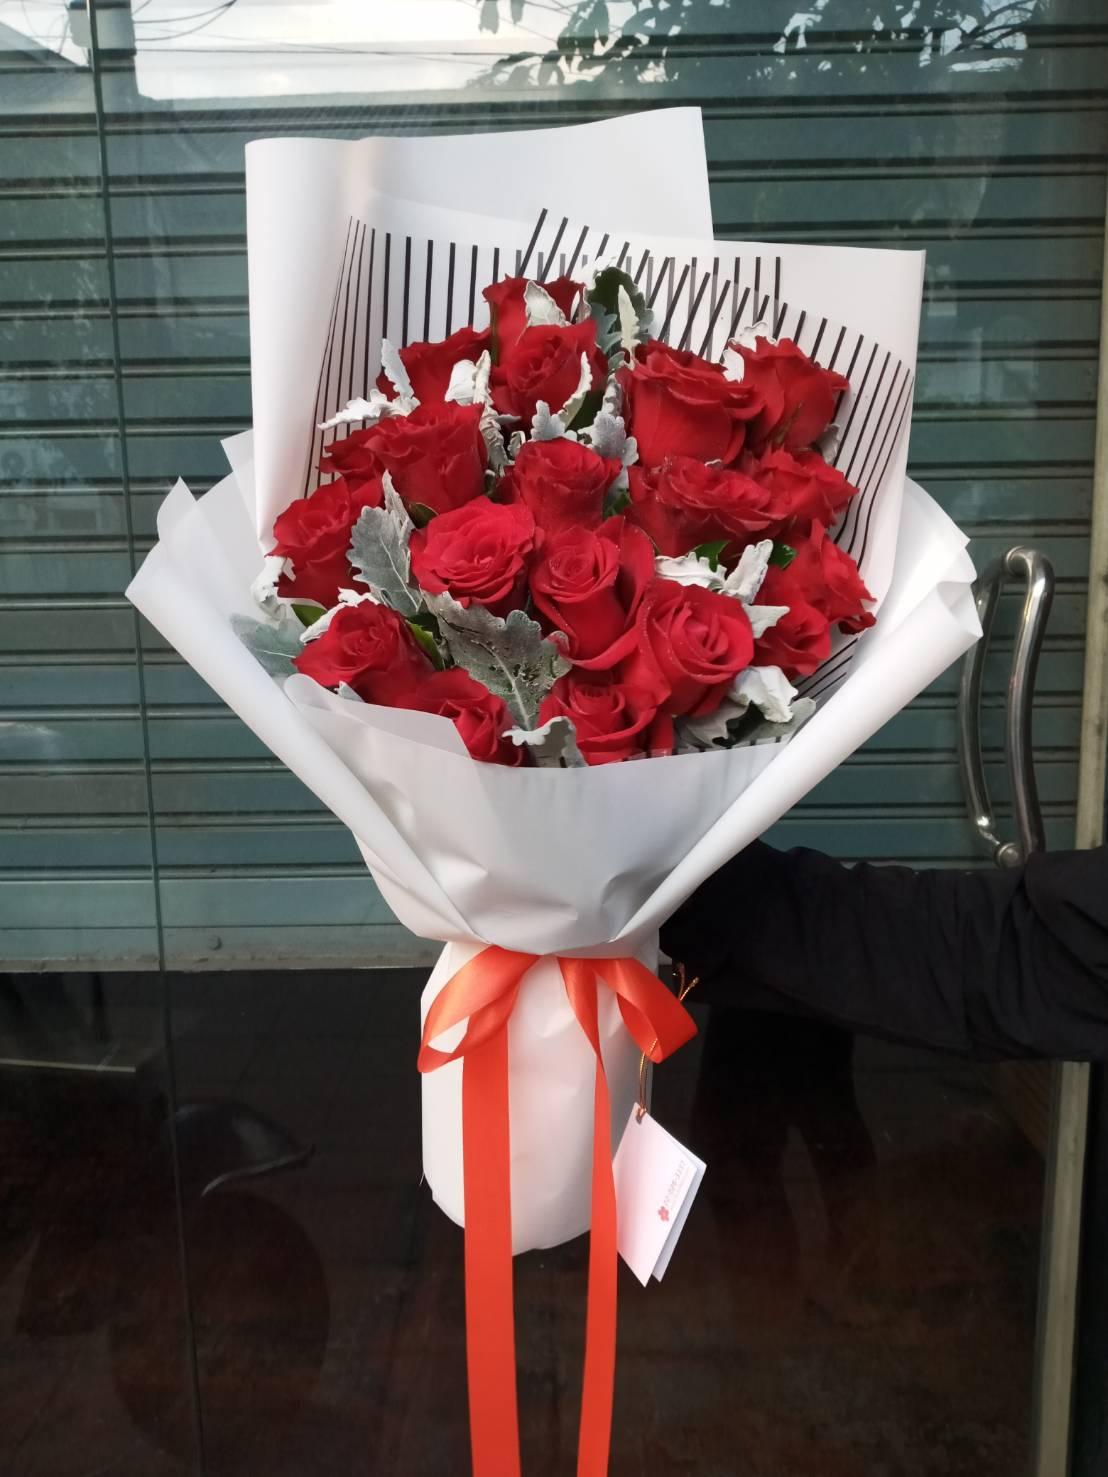 ช่อดอกกุหลาบสีแดงแรงฤทธิ์ ตัดกับกระดาษสีขาว เรียบหรู เลอค่า